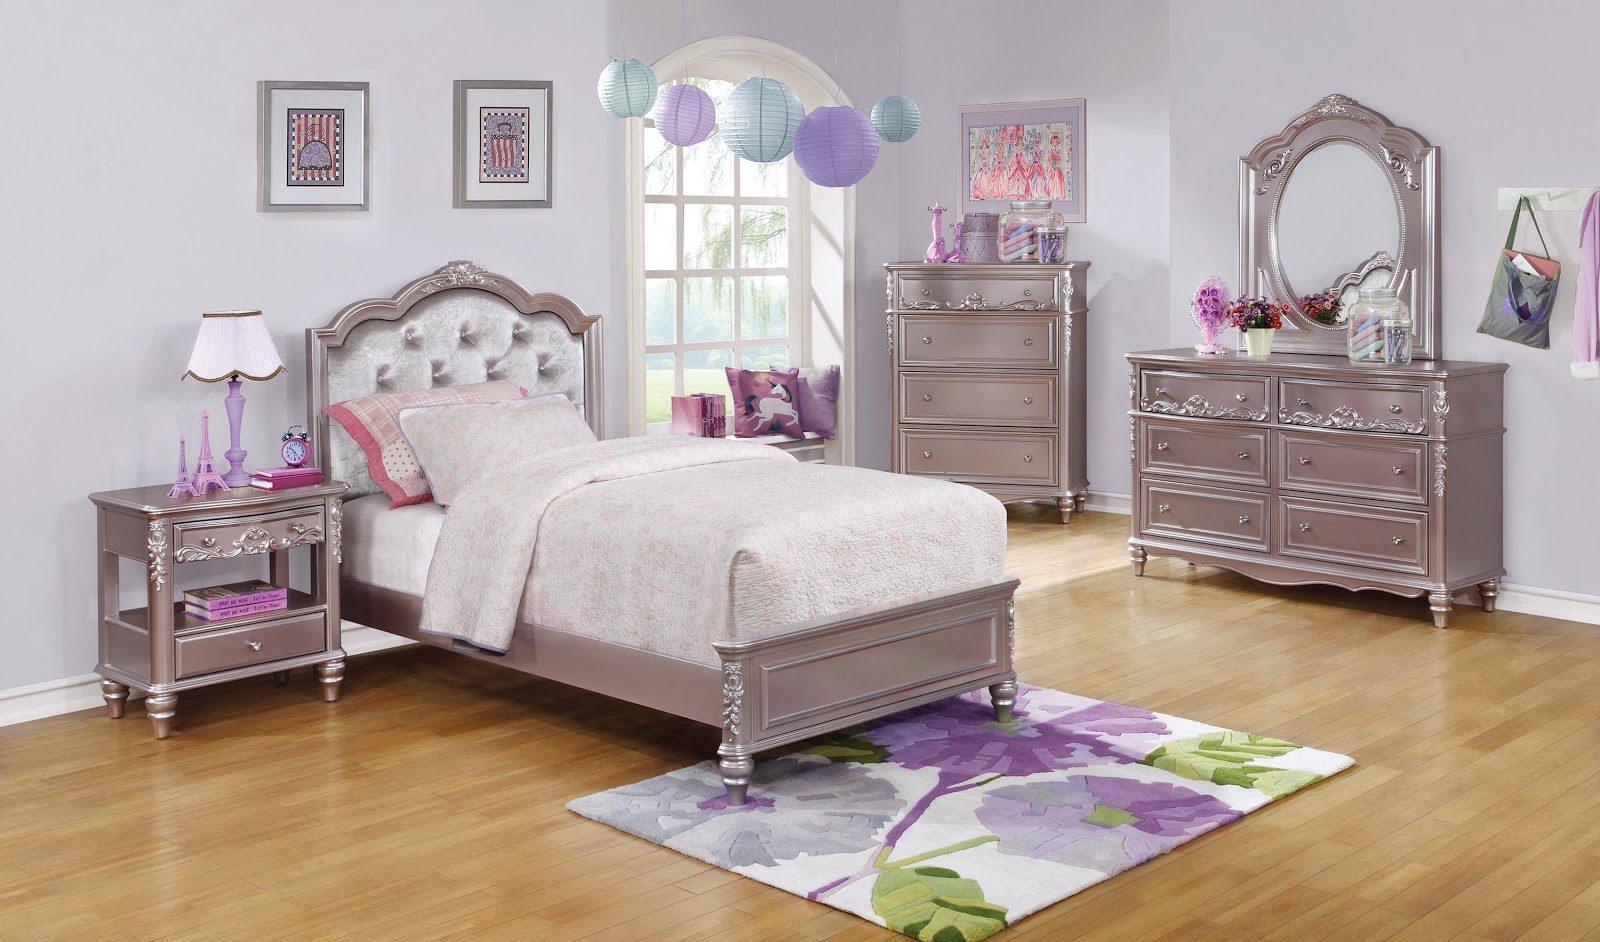 Coaster kids bedroom furniture set